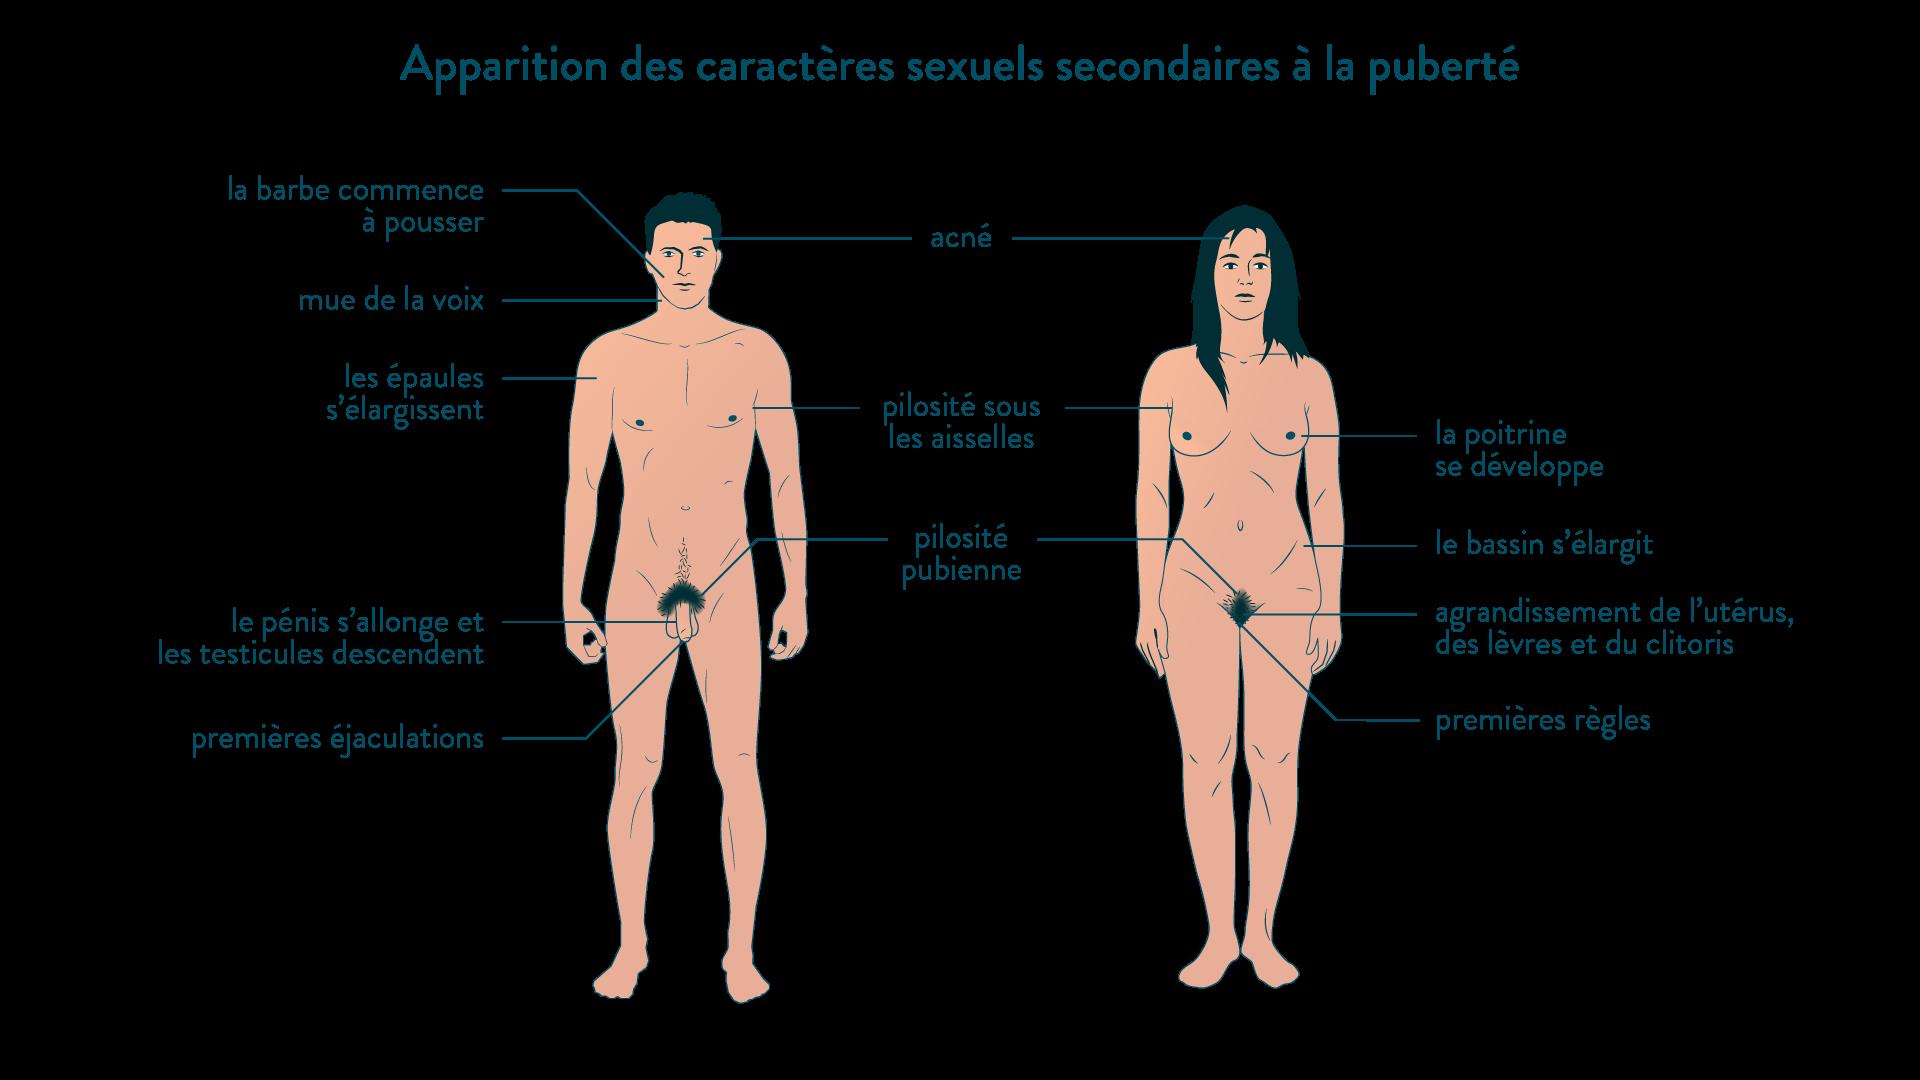 Apparition des caractères sexuels secondaires à la puberté